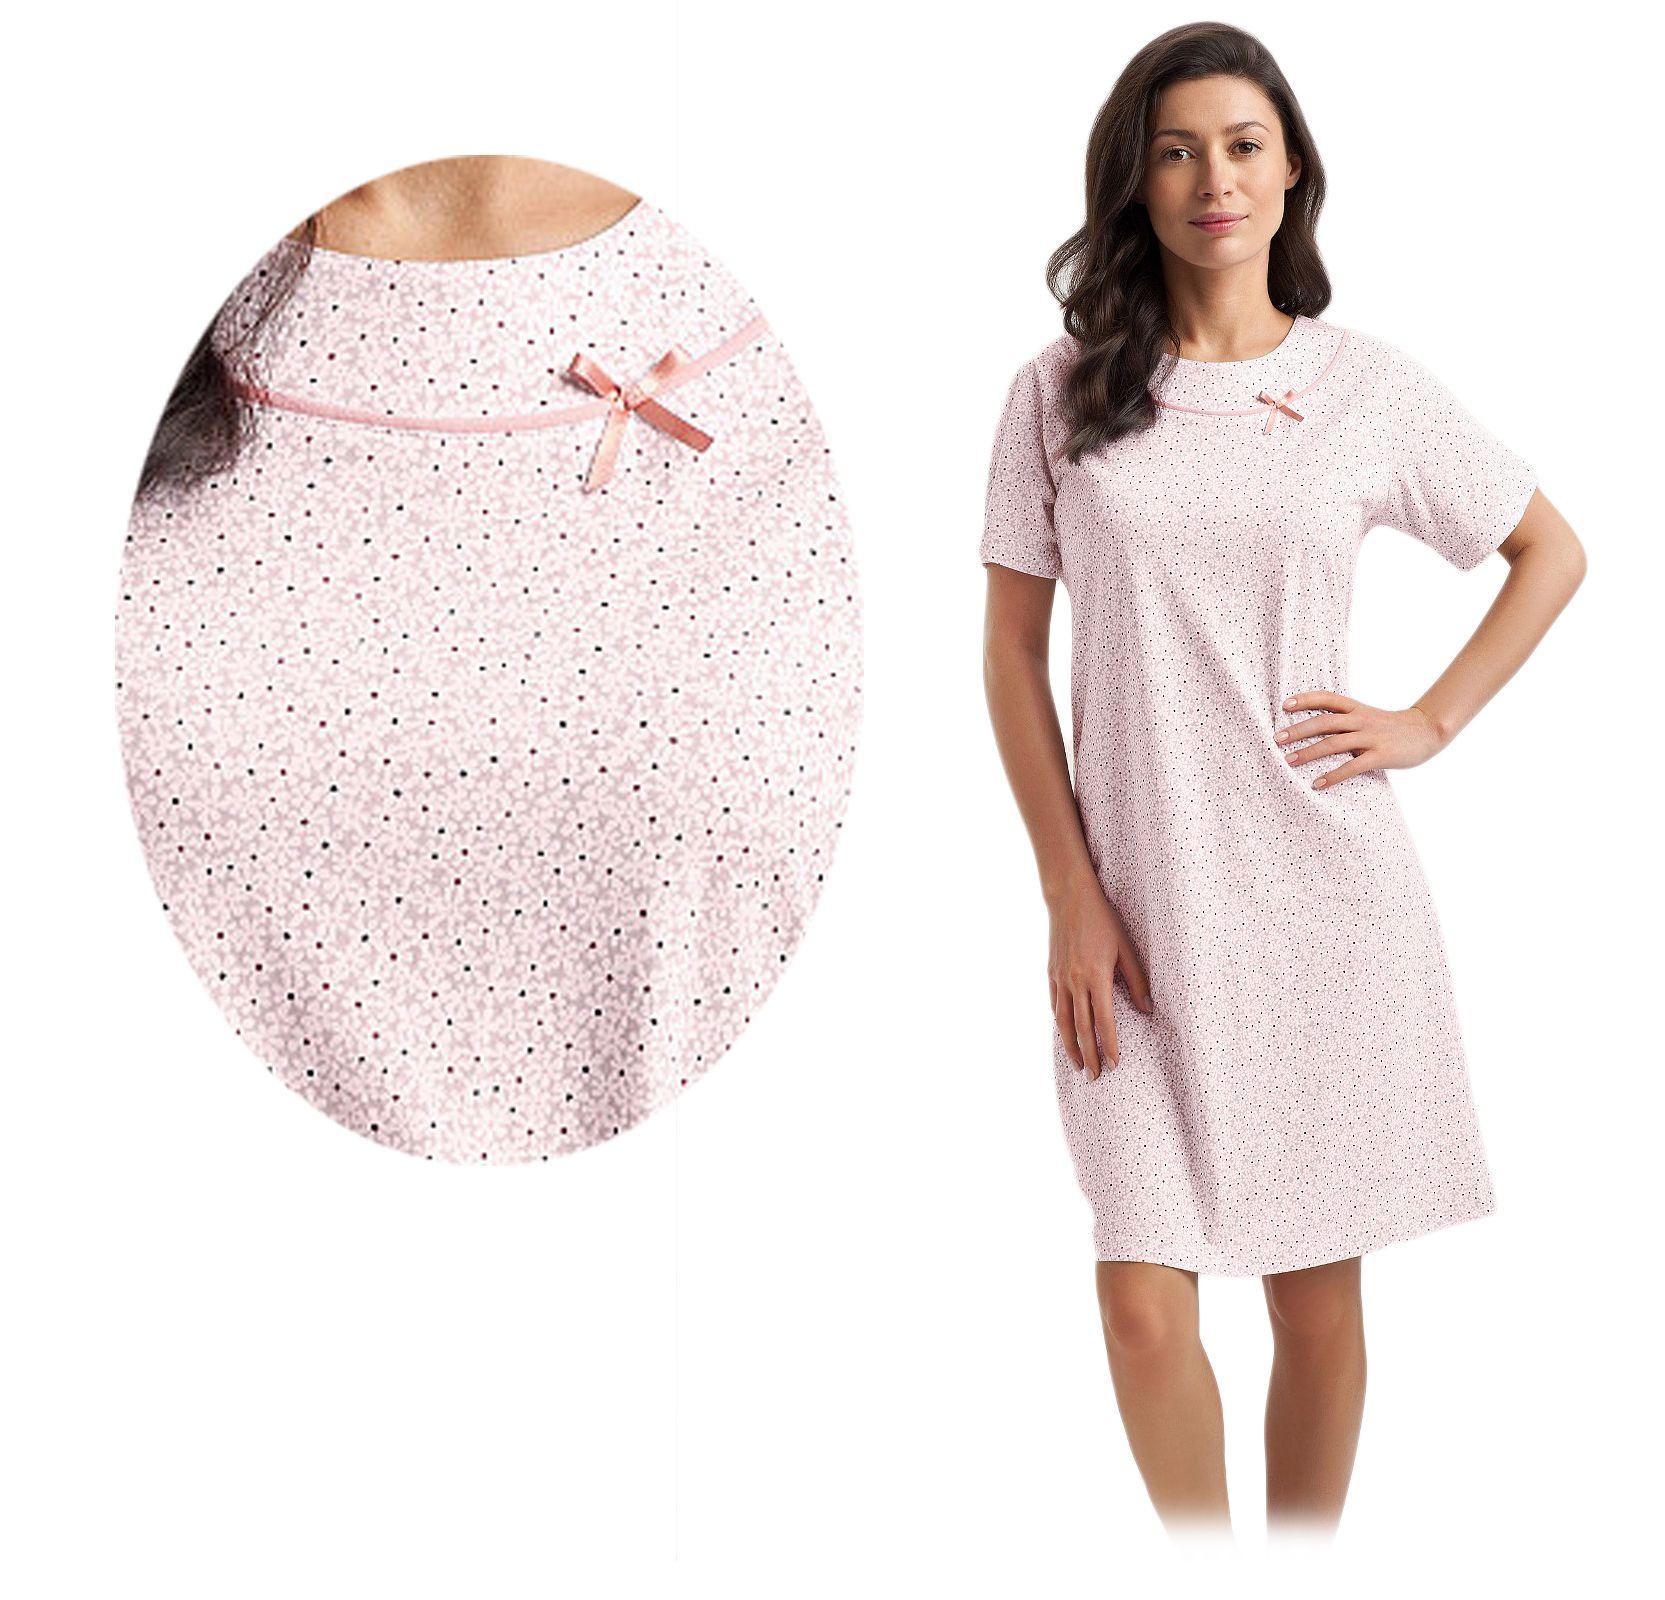 838cbbe6974e0d koszula LUNA 47 XL łosoś bawełna KWIATKI PIĘKNA # - 7153232664 ...